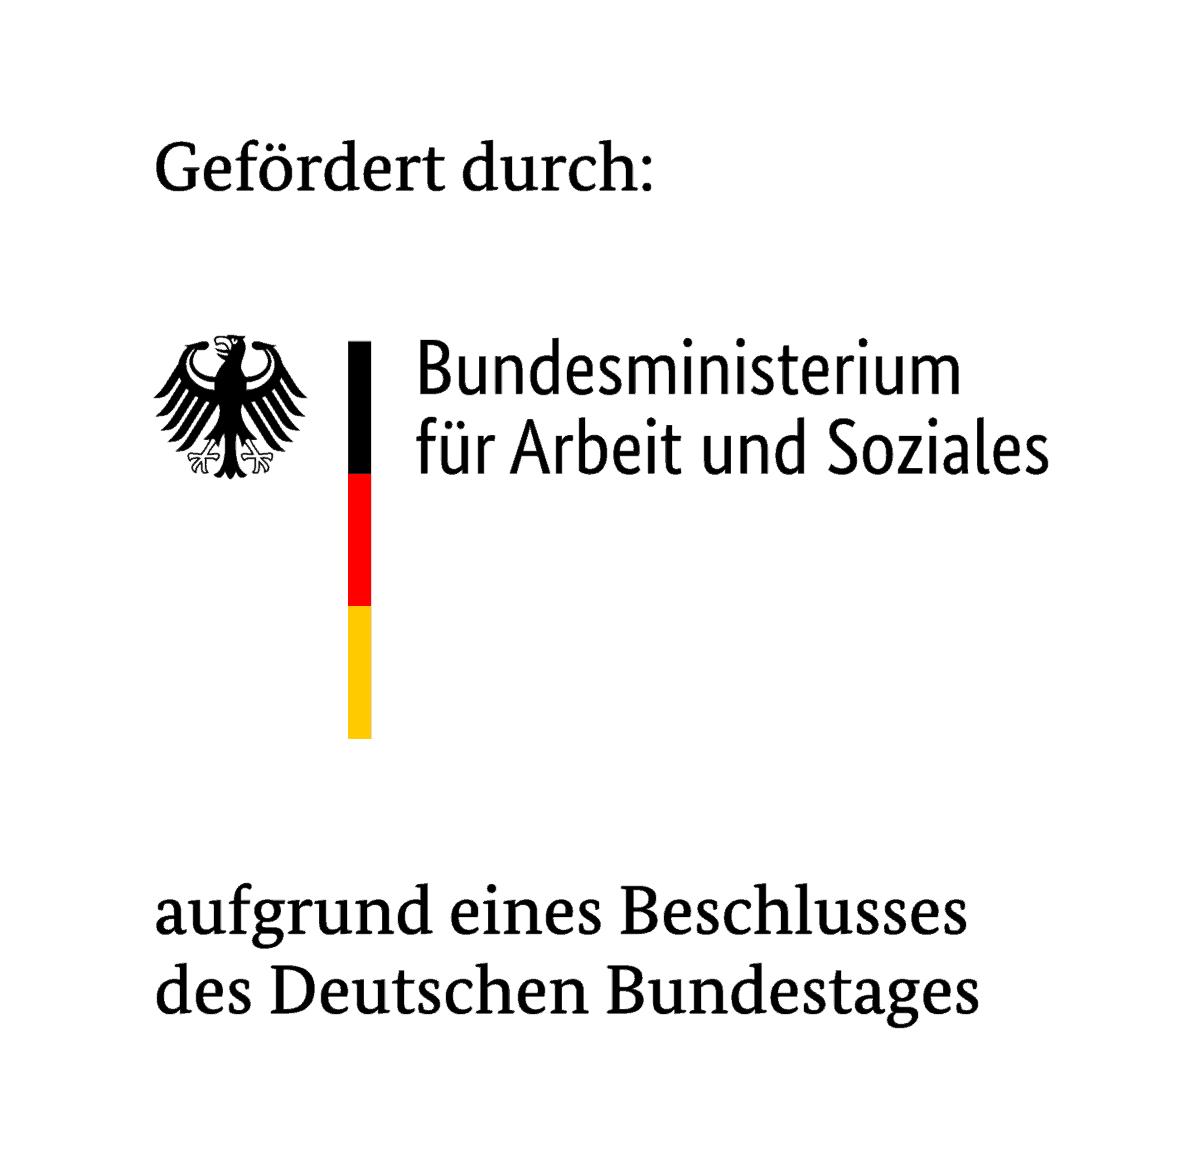 Logo des Bundesministerium für Arbeit und Soziales (BMAS) :: Das Logo ist erweitert durch den Text: Gefördert durch Bundesministerium für Arbeit und Soziales aufgrund eines Beschlusses des Deutschen Bundestages.